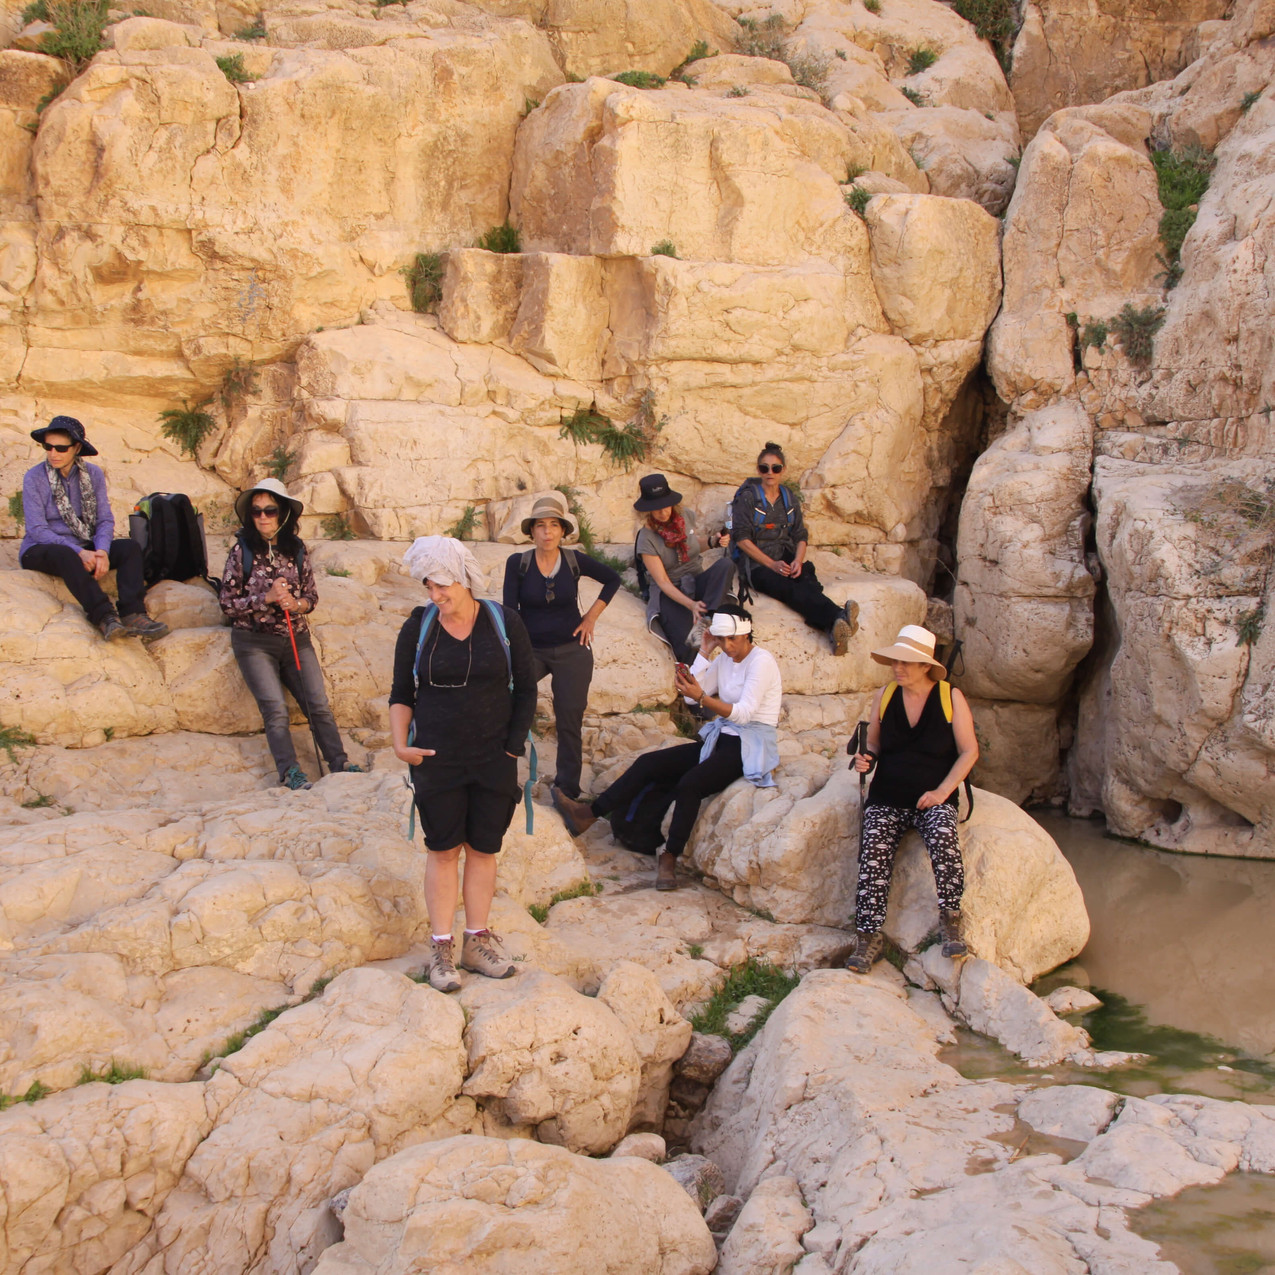 מאירות שביל ישראל בנחל קינה בגב הגדול